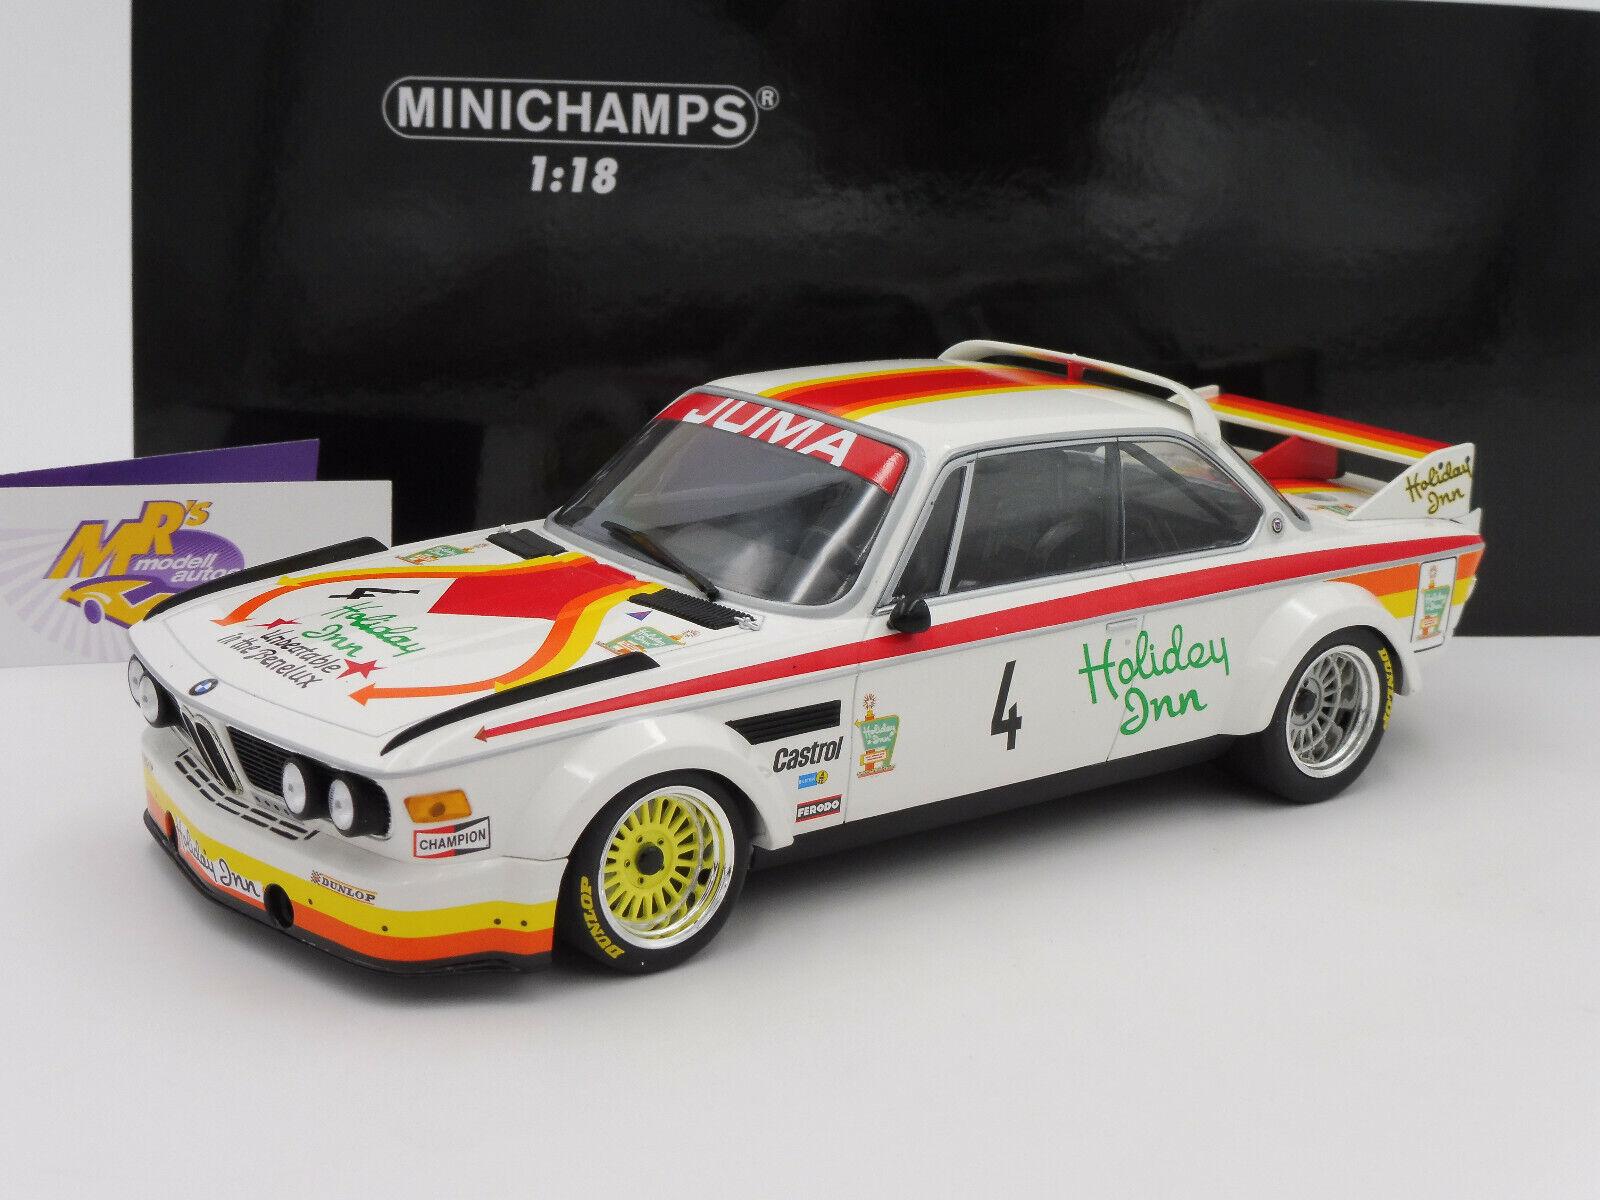 entrega rápida Minichamps 155762504     bmw 3.0 CSL No. gp nurburgring 1977  Juma Tuning  1 18  promociones de descuento